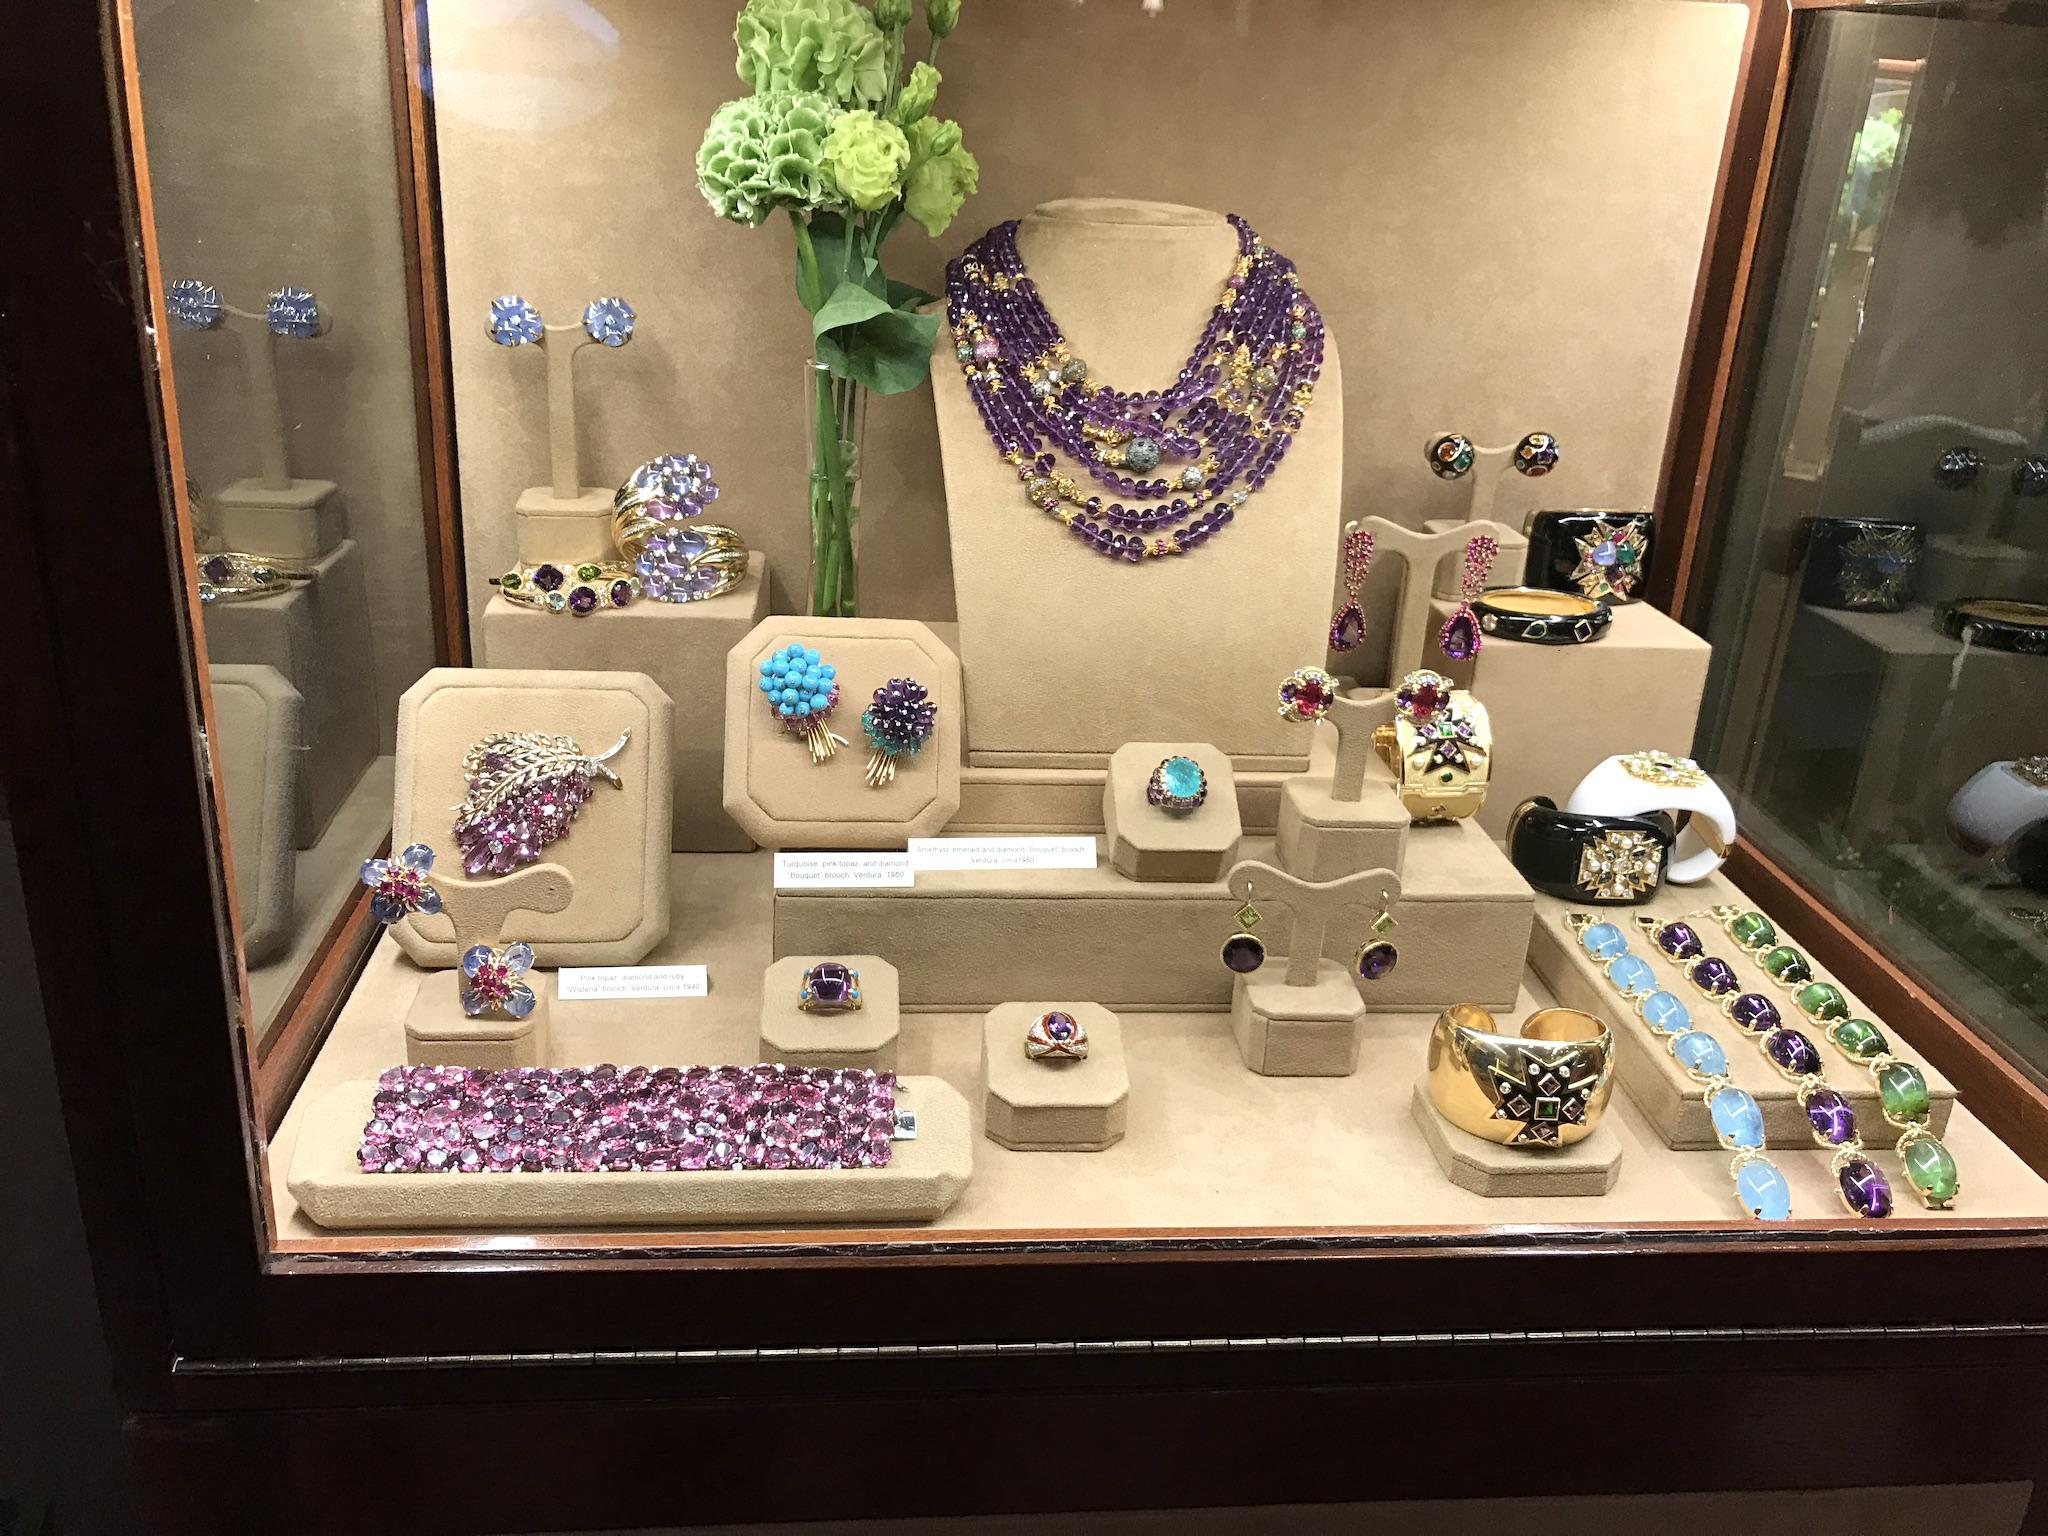 Verdura Schmuck, Belperron Jewelry, Verdura Jewelry, Belperron Schmuck, Fulco do Verdura, Lifestyle Blog, Lieblingsstil.com, Lieblingsstil.com,